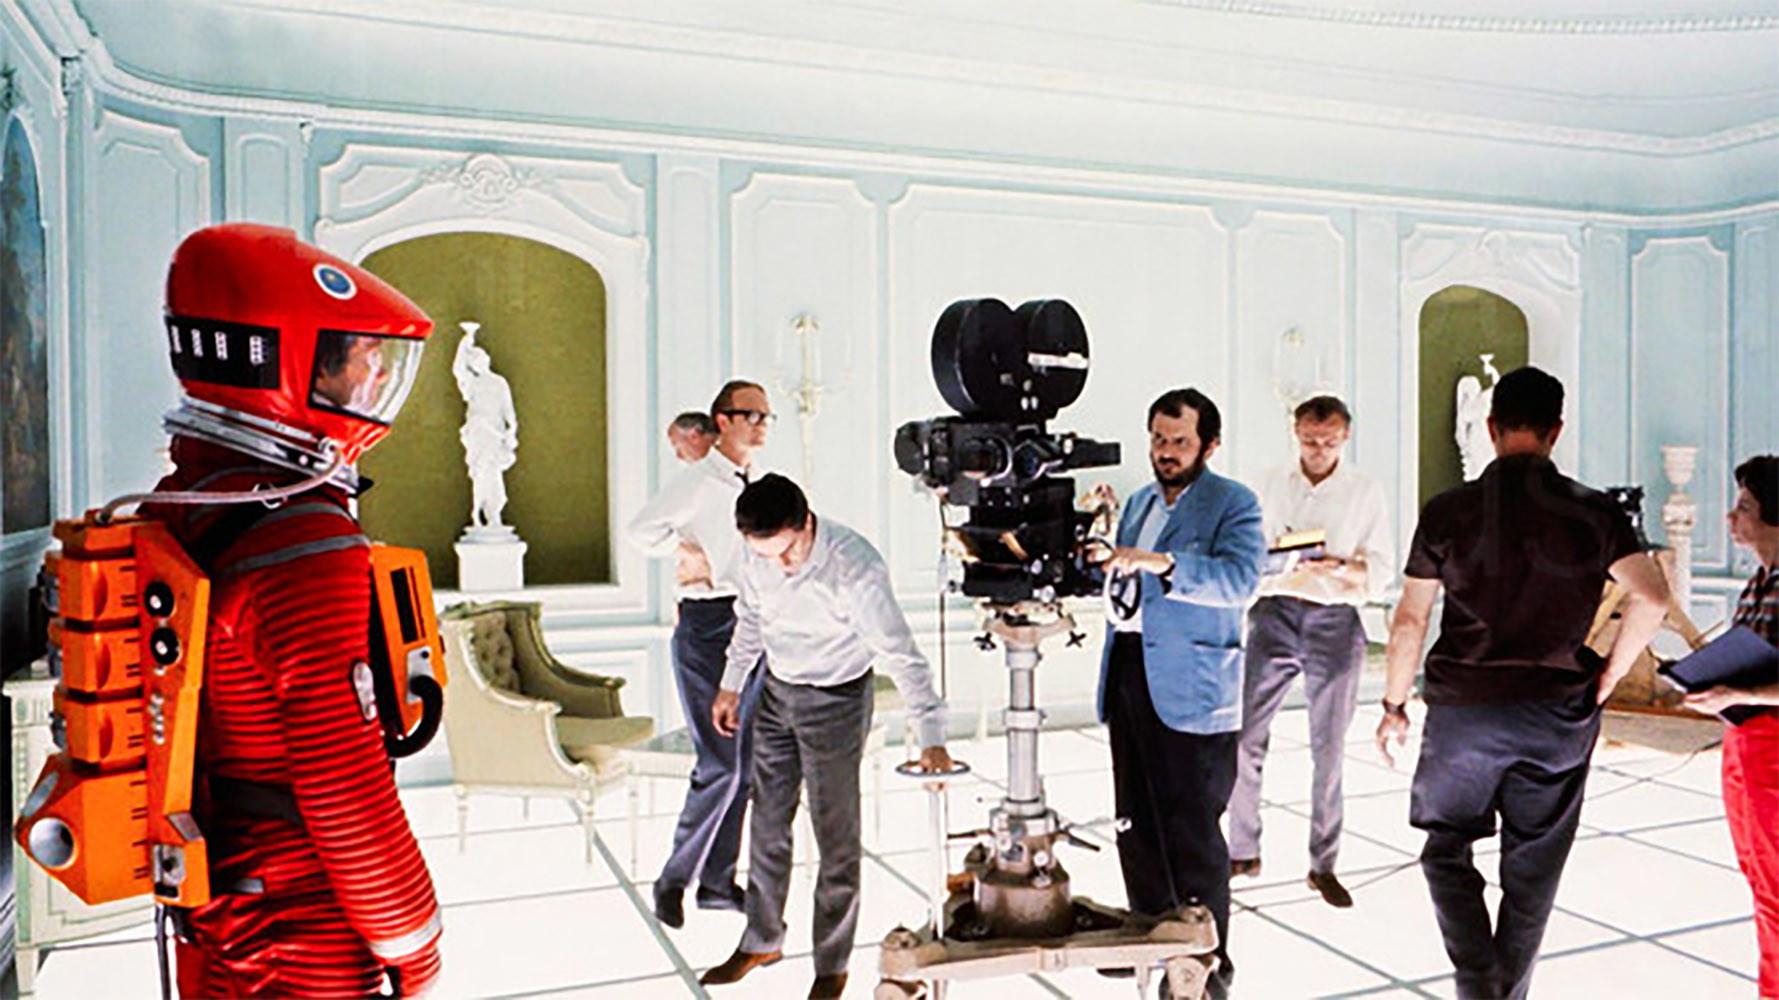 Stanley Kubrick, detrás de la cámara, dirige a Keir Dullea como el astronauta Dave Bowman en la secuencia final de 2001: Una odisea del espacio. / © Collection Christophel